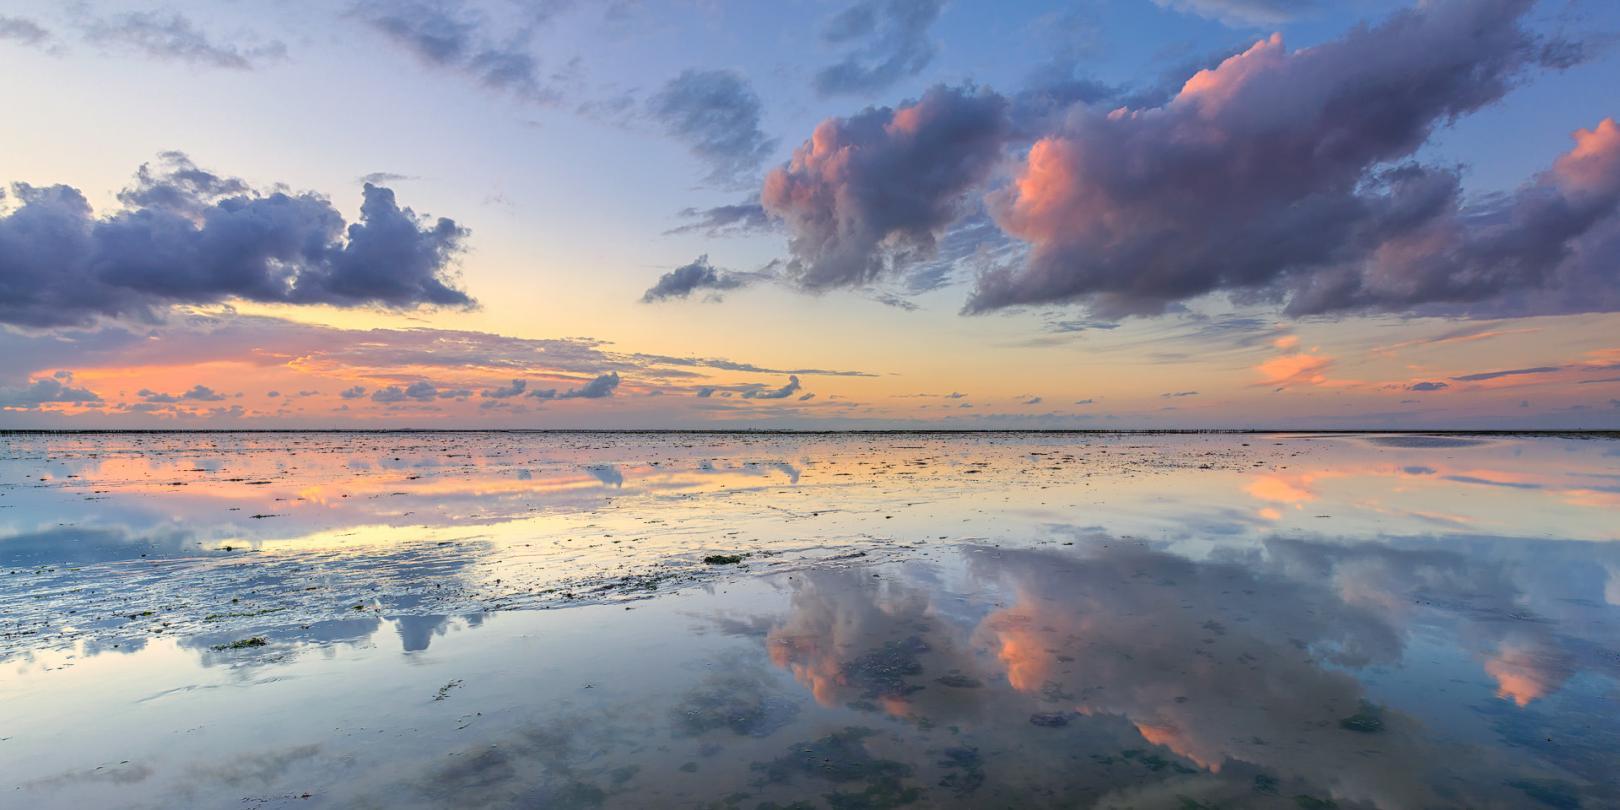 Privé workshop landschapsfotografie - Een serene zonsondergang boven de Waddenzee bij laag water met een mooie wolkenlucht. De foto is genomen aan de Friese Waddenkust.